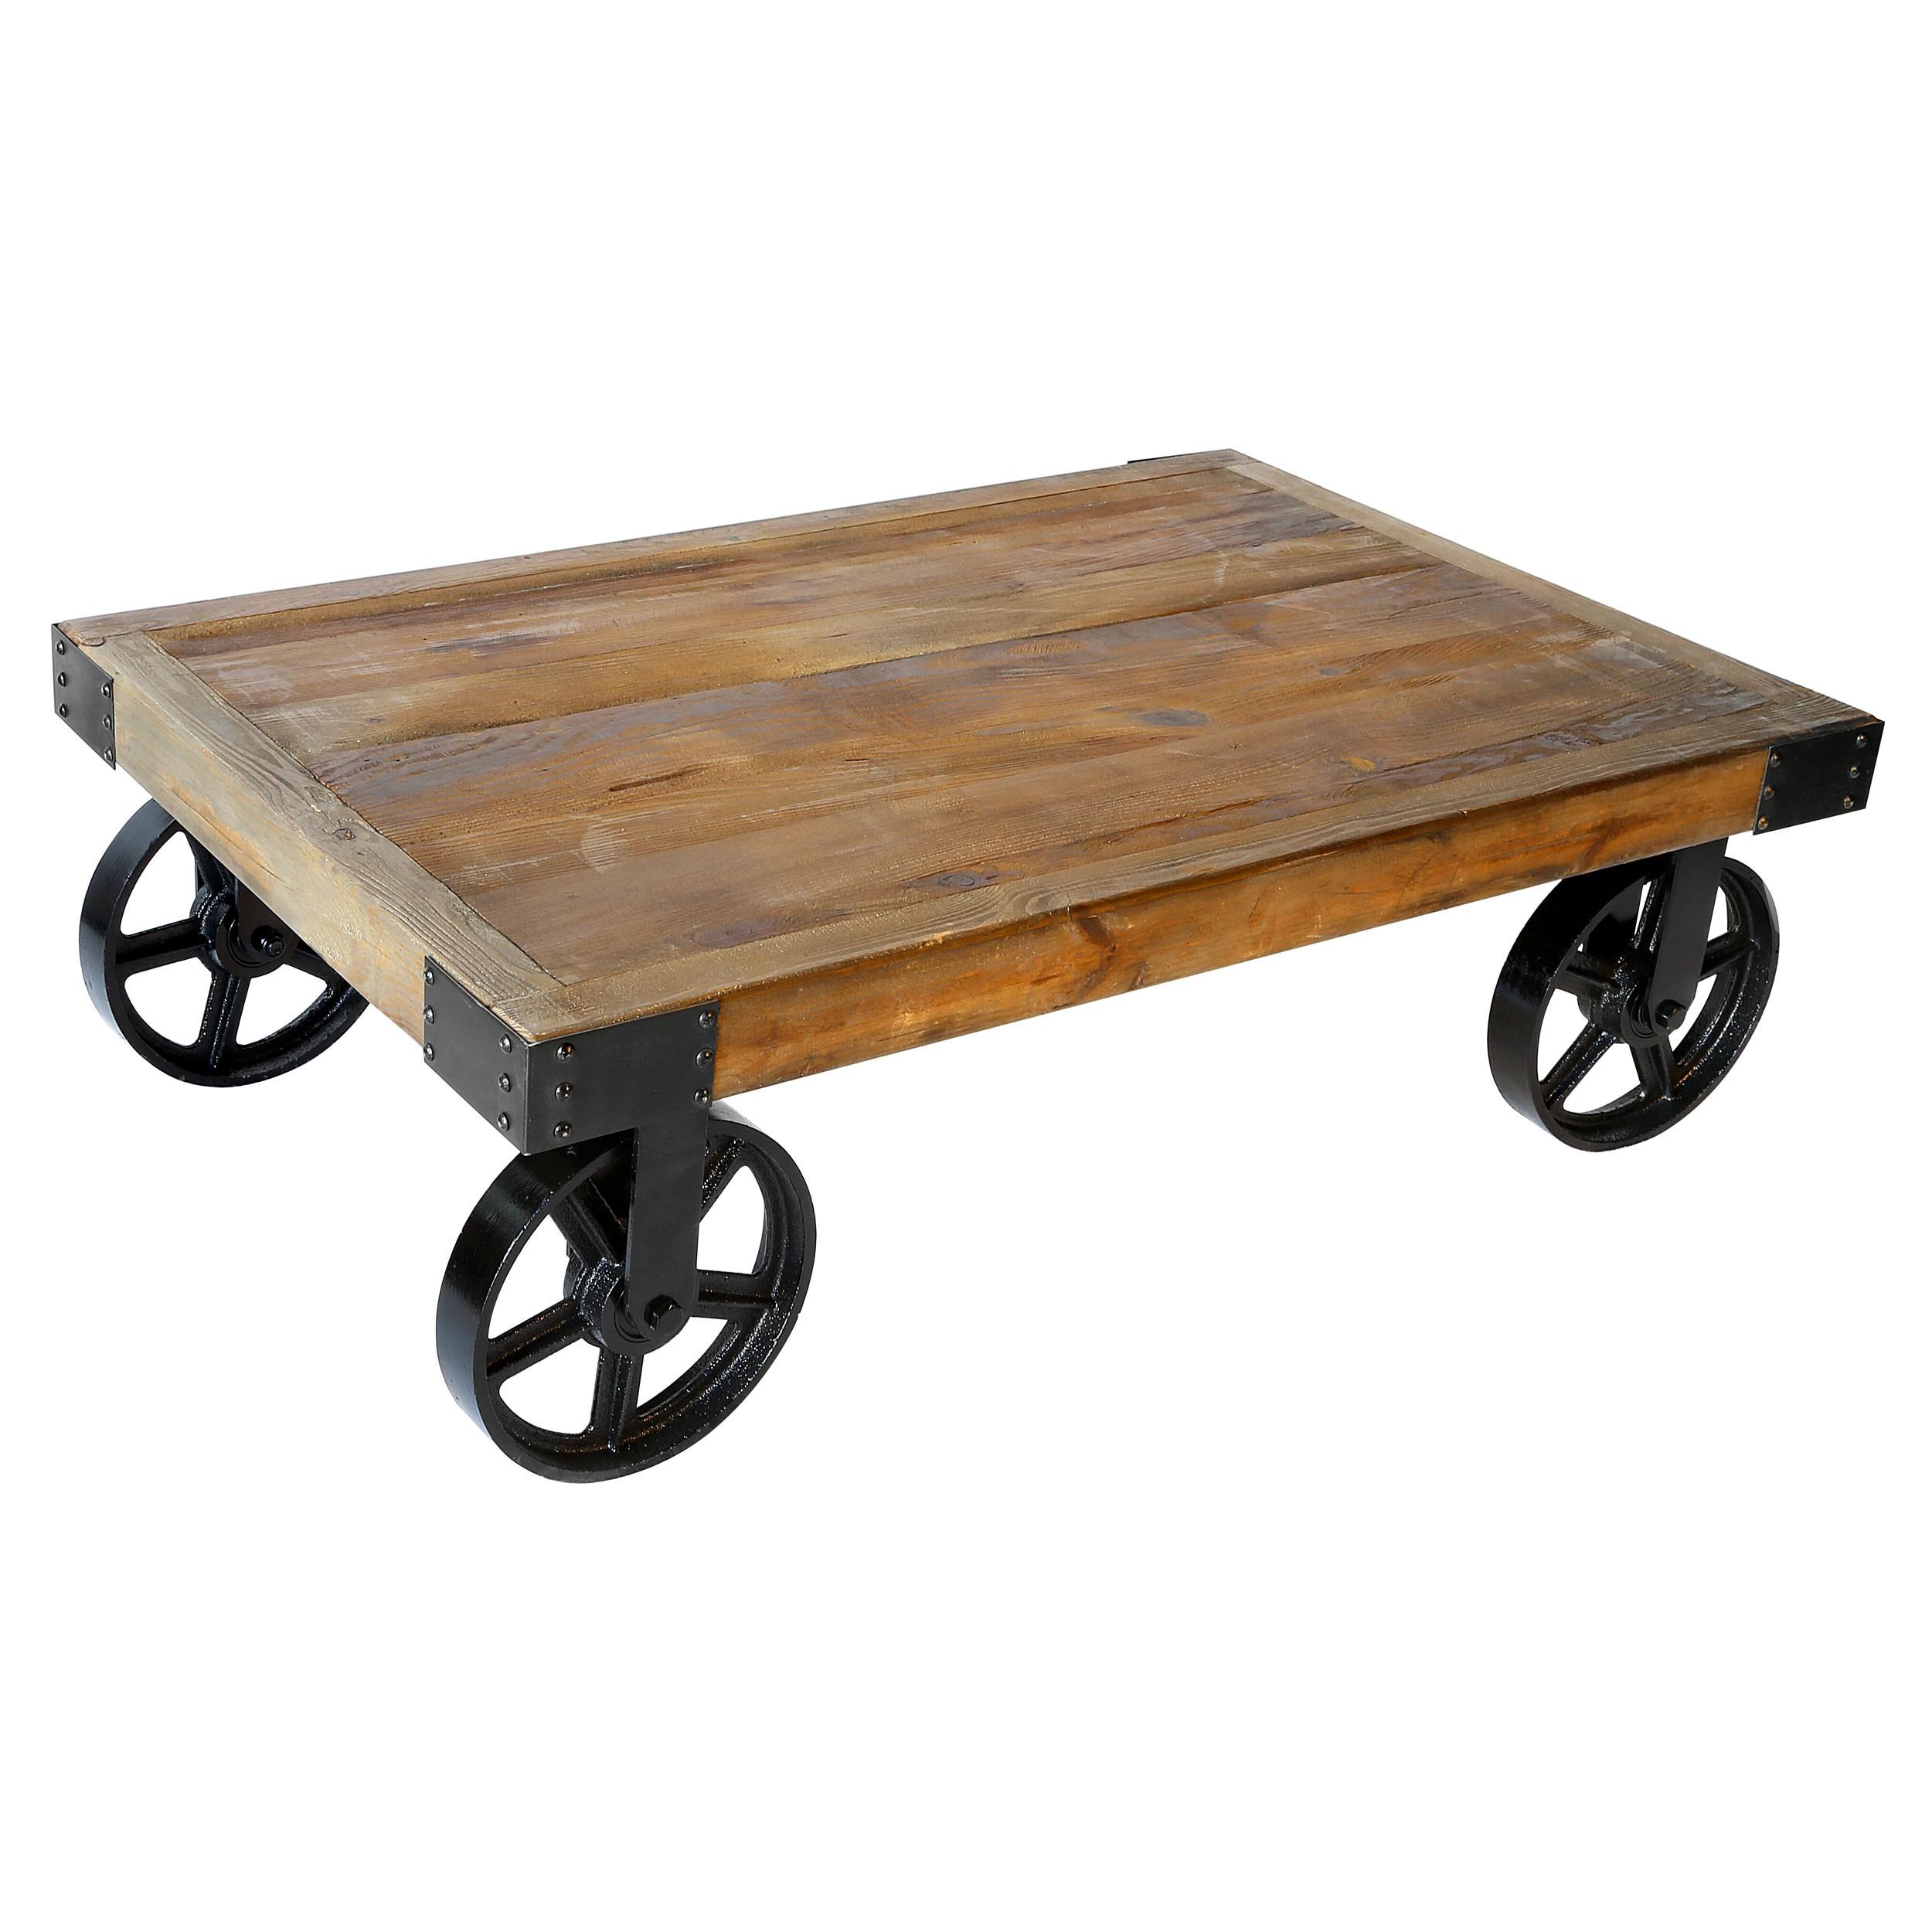 Table basse sohar rectangulaire achetez les tables basses sohar rectangulaires rdv d co - Table basse jardin d ulysse ...